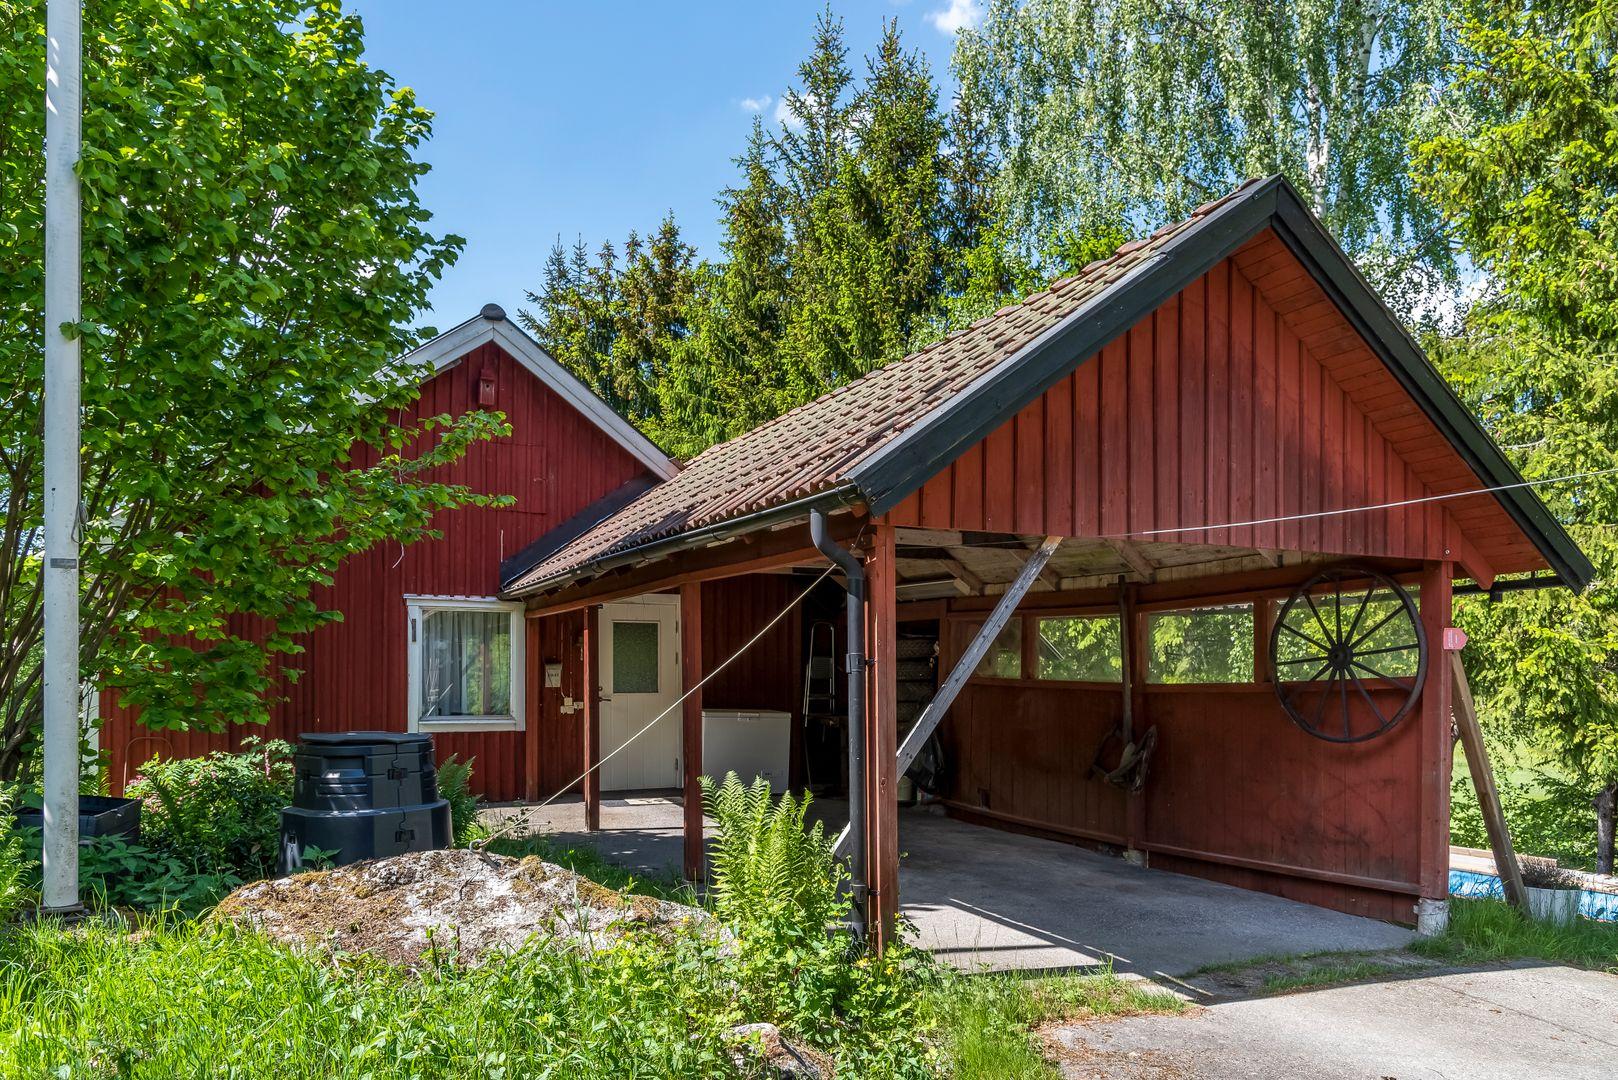 Hus 2 med carport